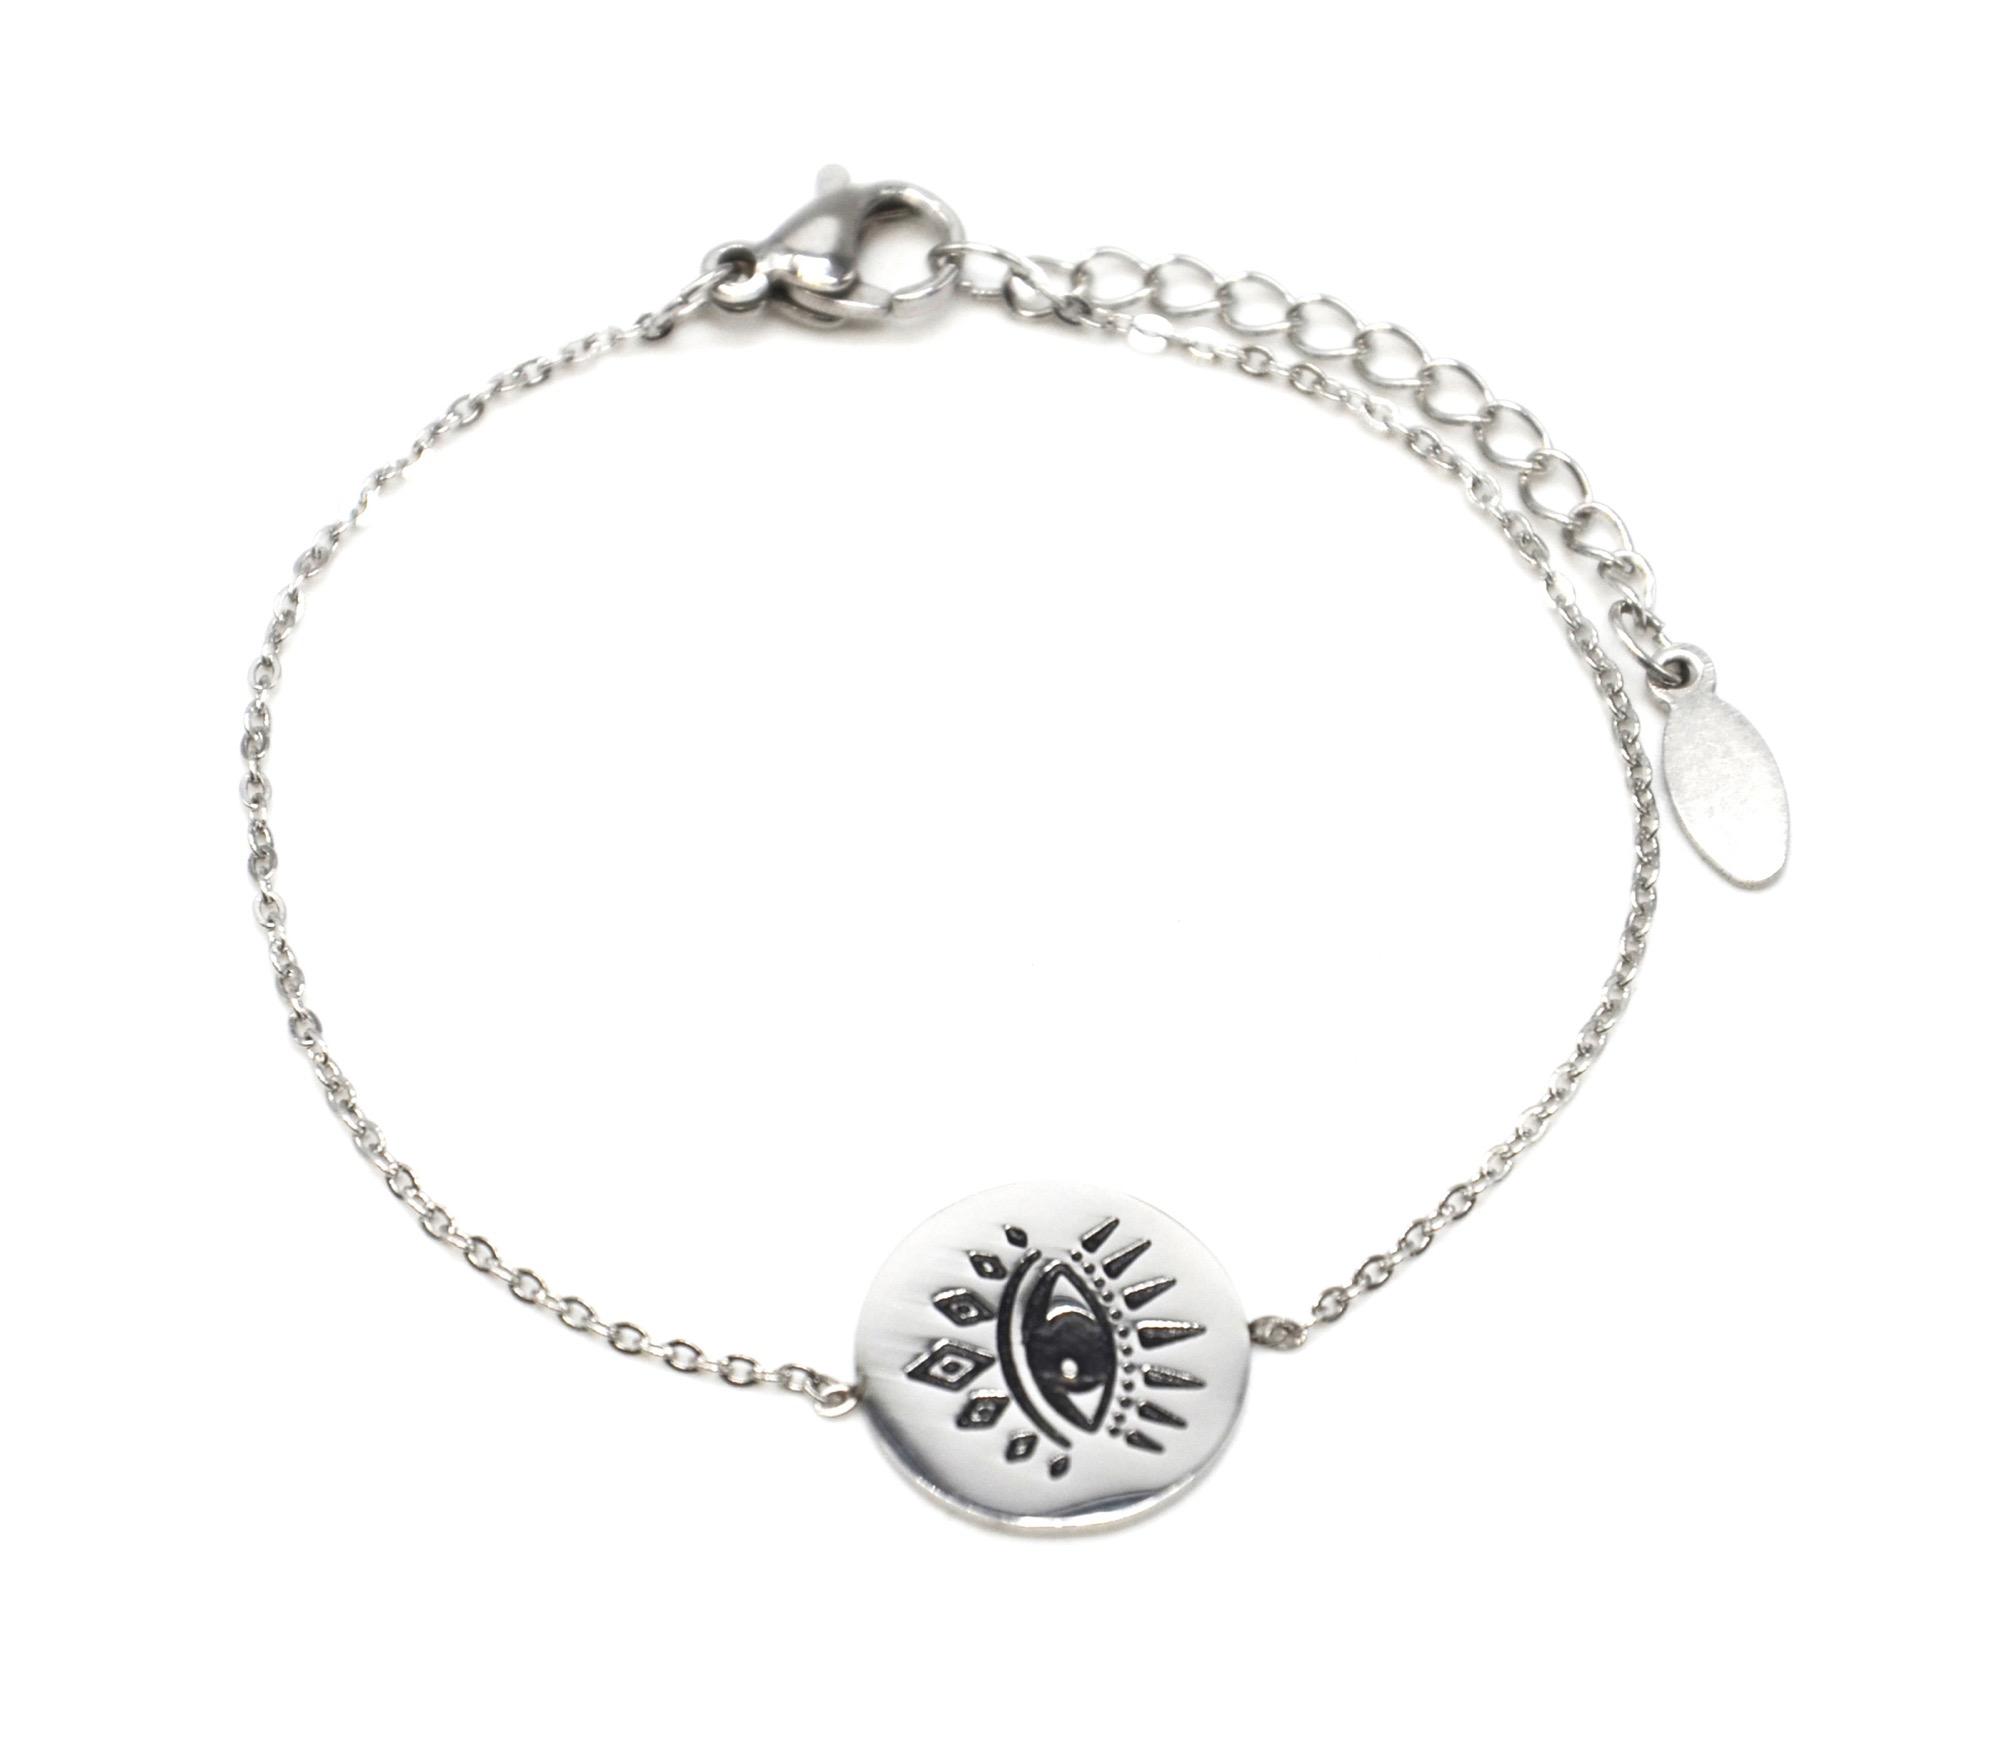 Bracelet Fine Chaîne avec Charm Tête Buffle Acier Argenté BC3284F